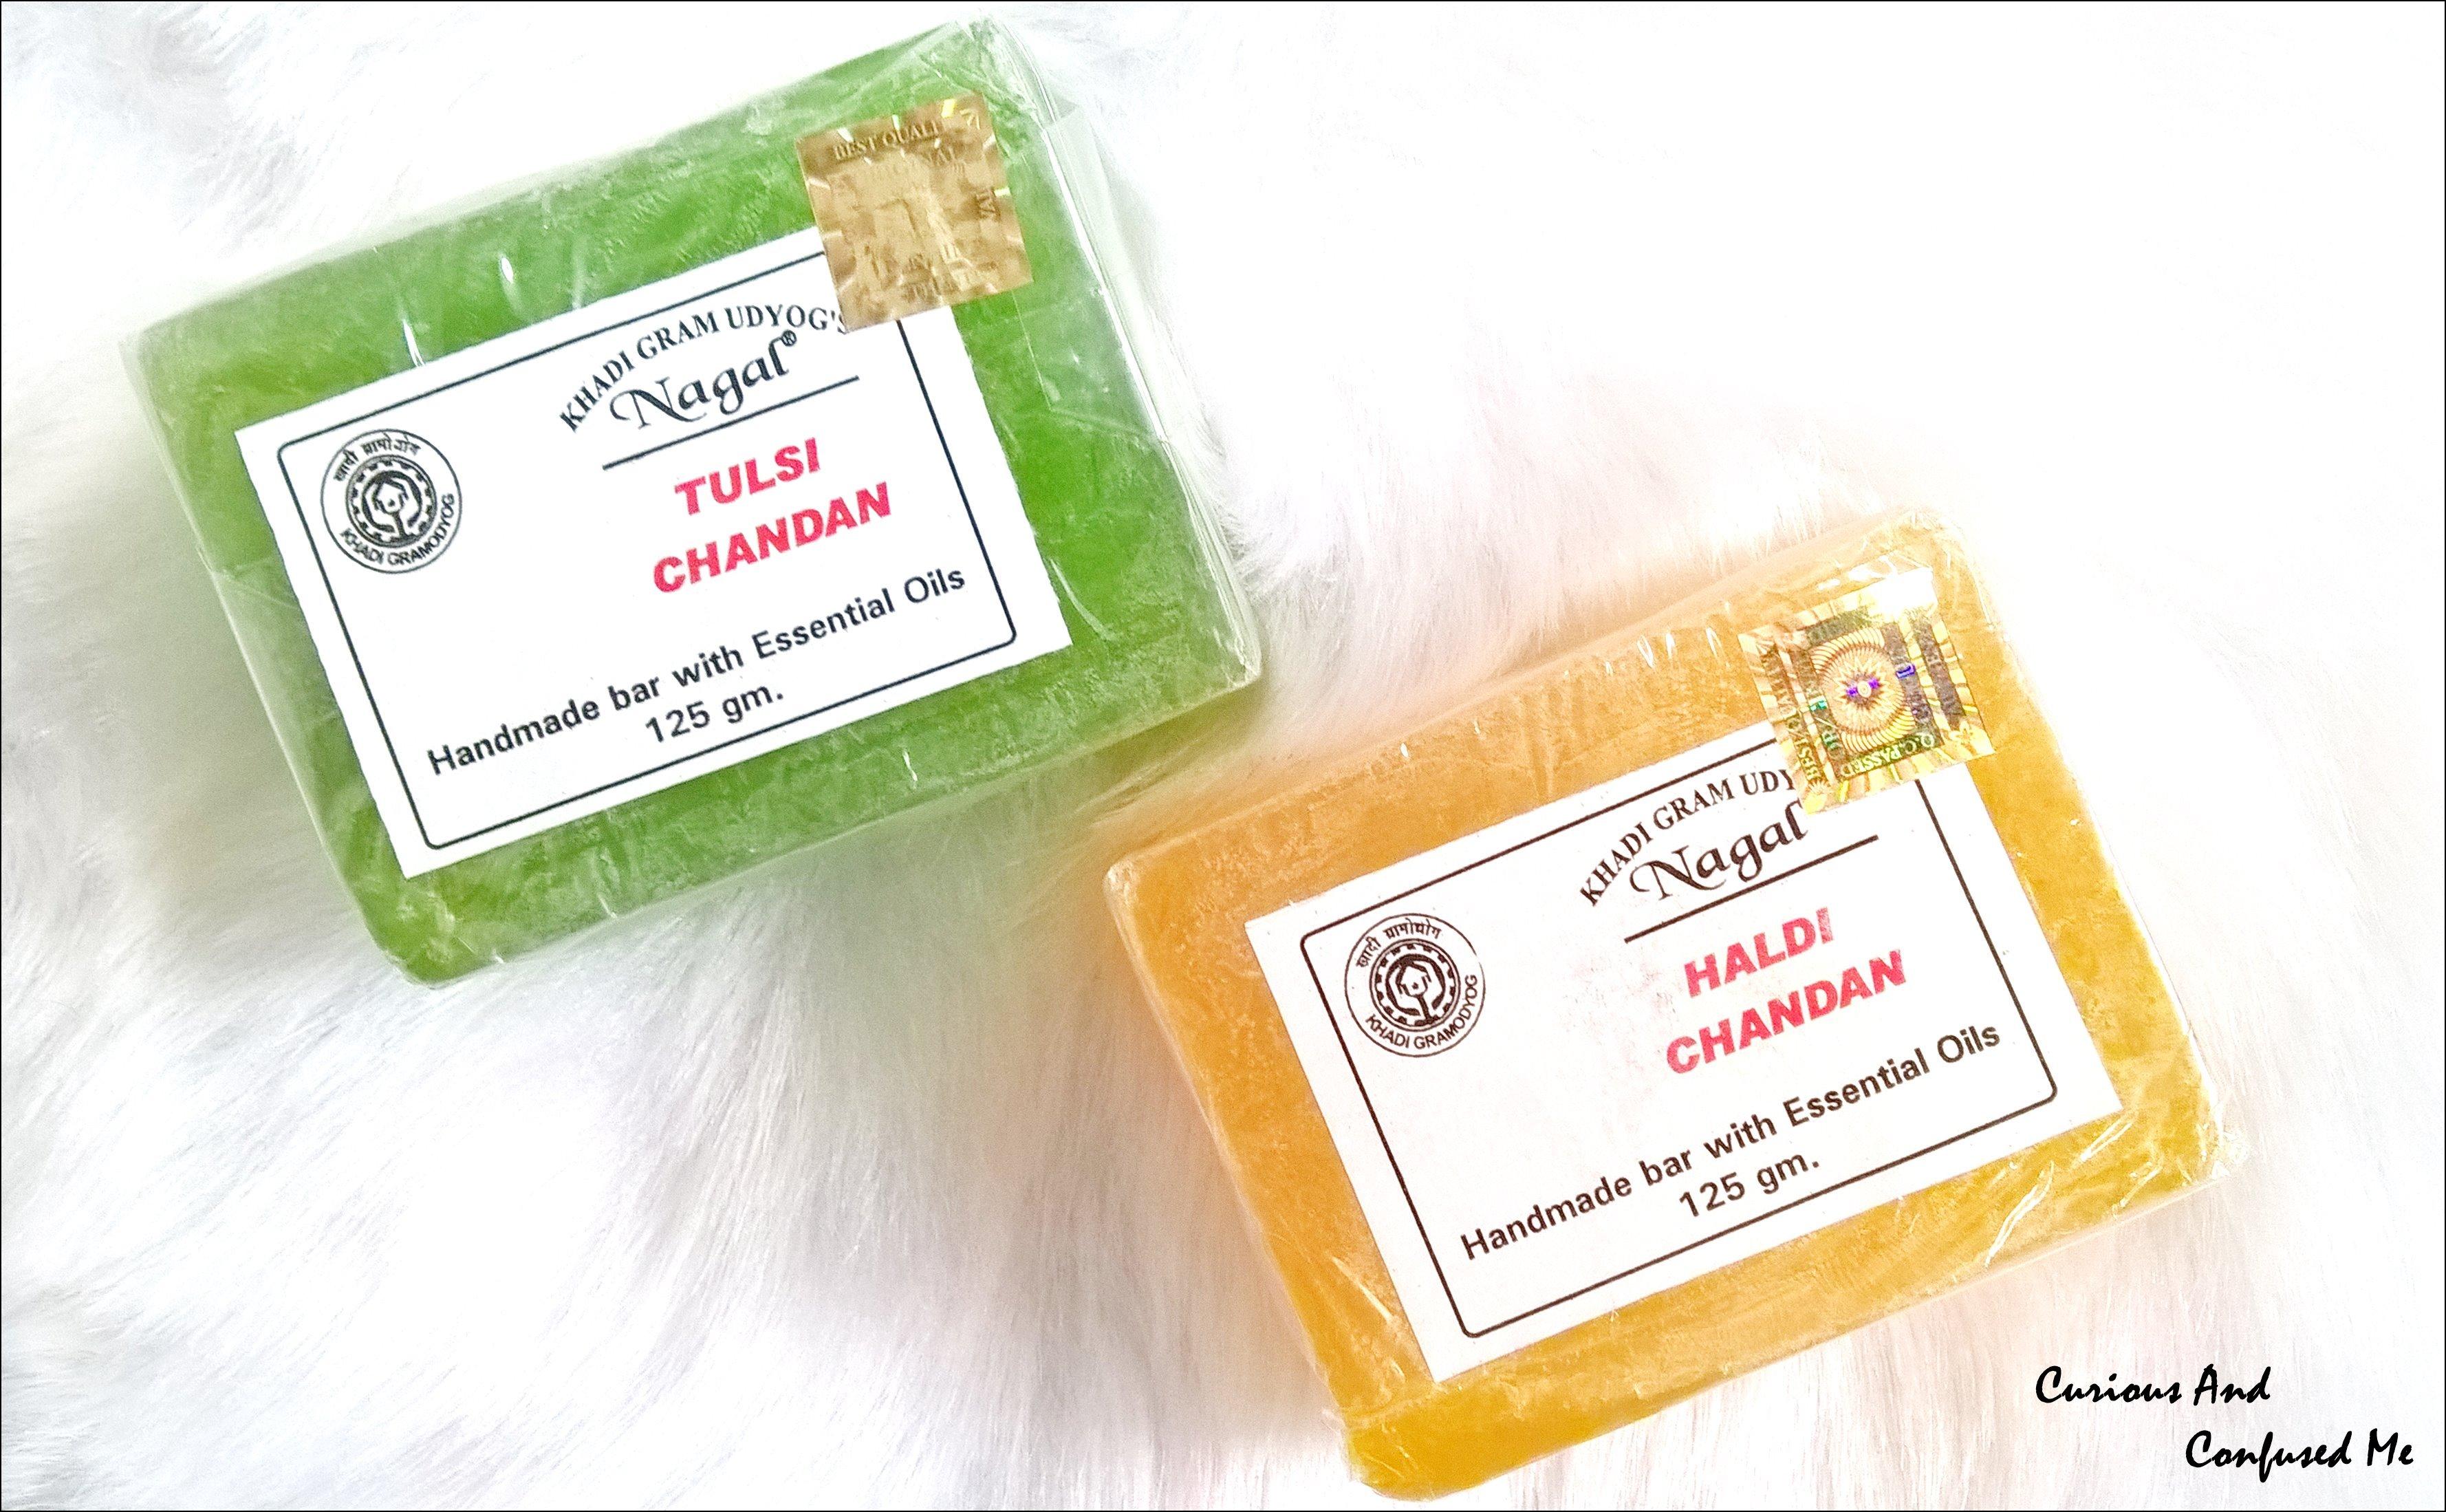 Nagal Khadi Gram Udyog Handmade Soaps